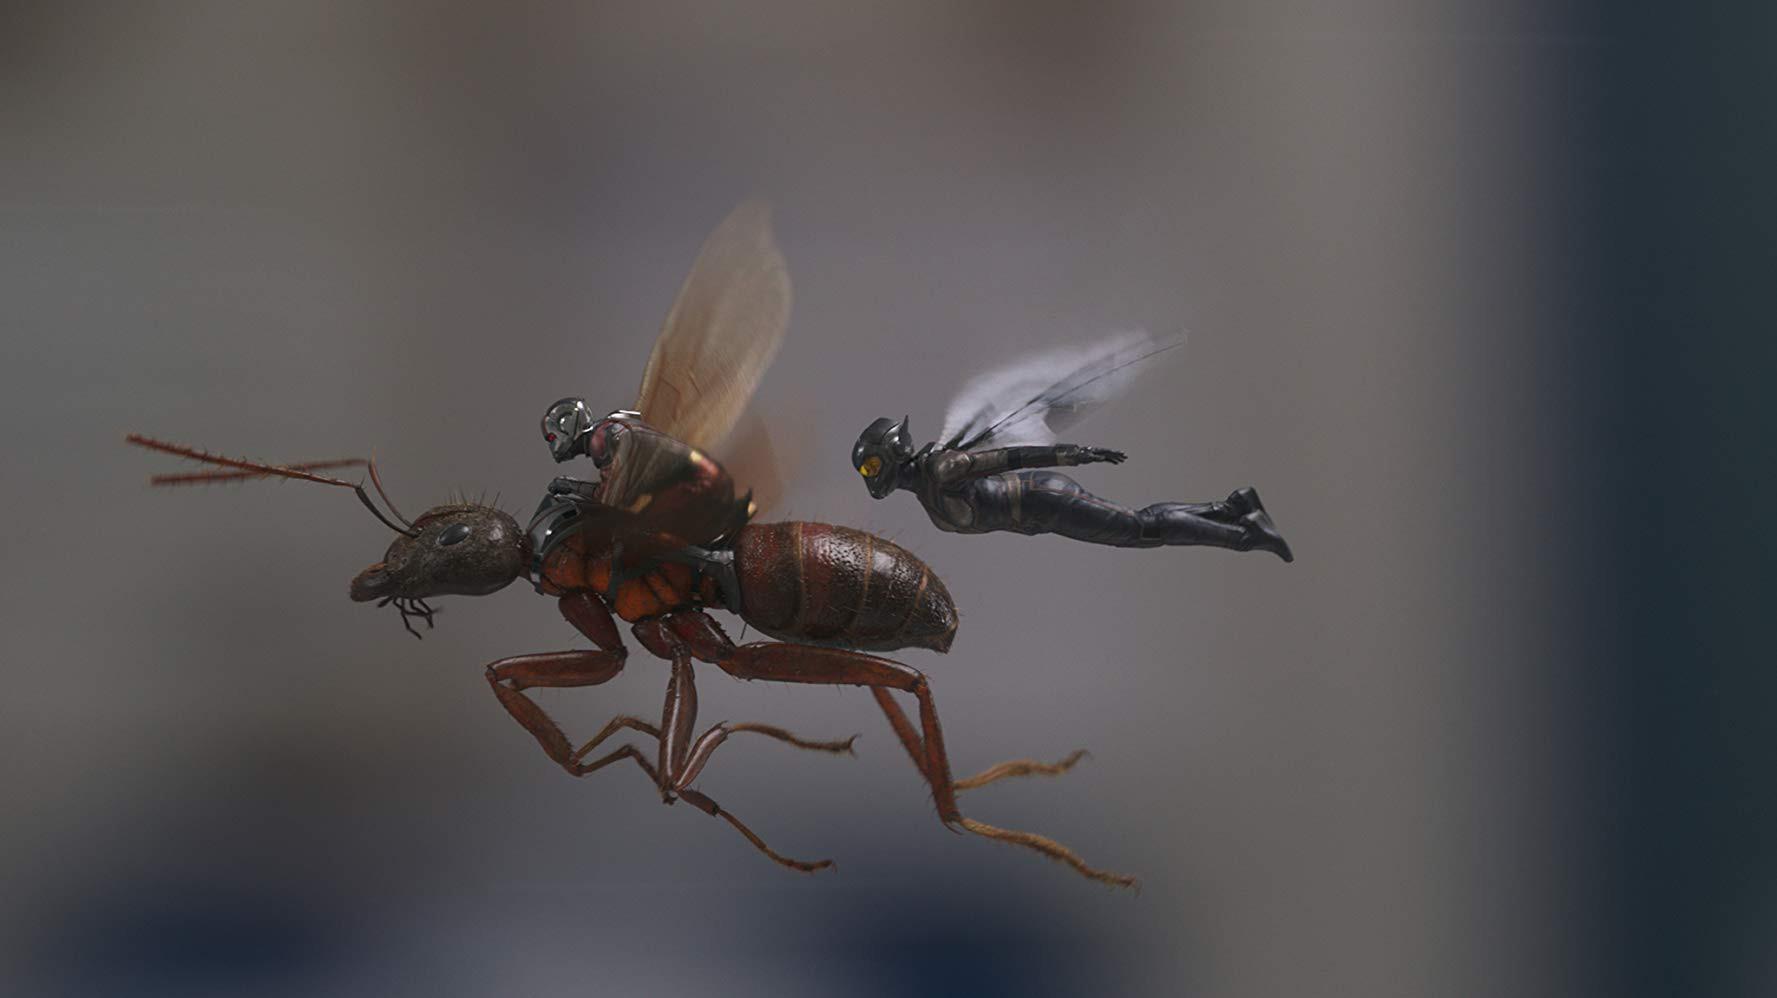 """""""Ant-Man and the Wasp"""": Khi mỹ nhân ra tay cứu anh hùng trong cuộc chiến vắng bóng kẻ ác - Ảnh 5."""